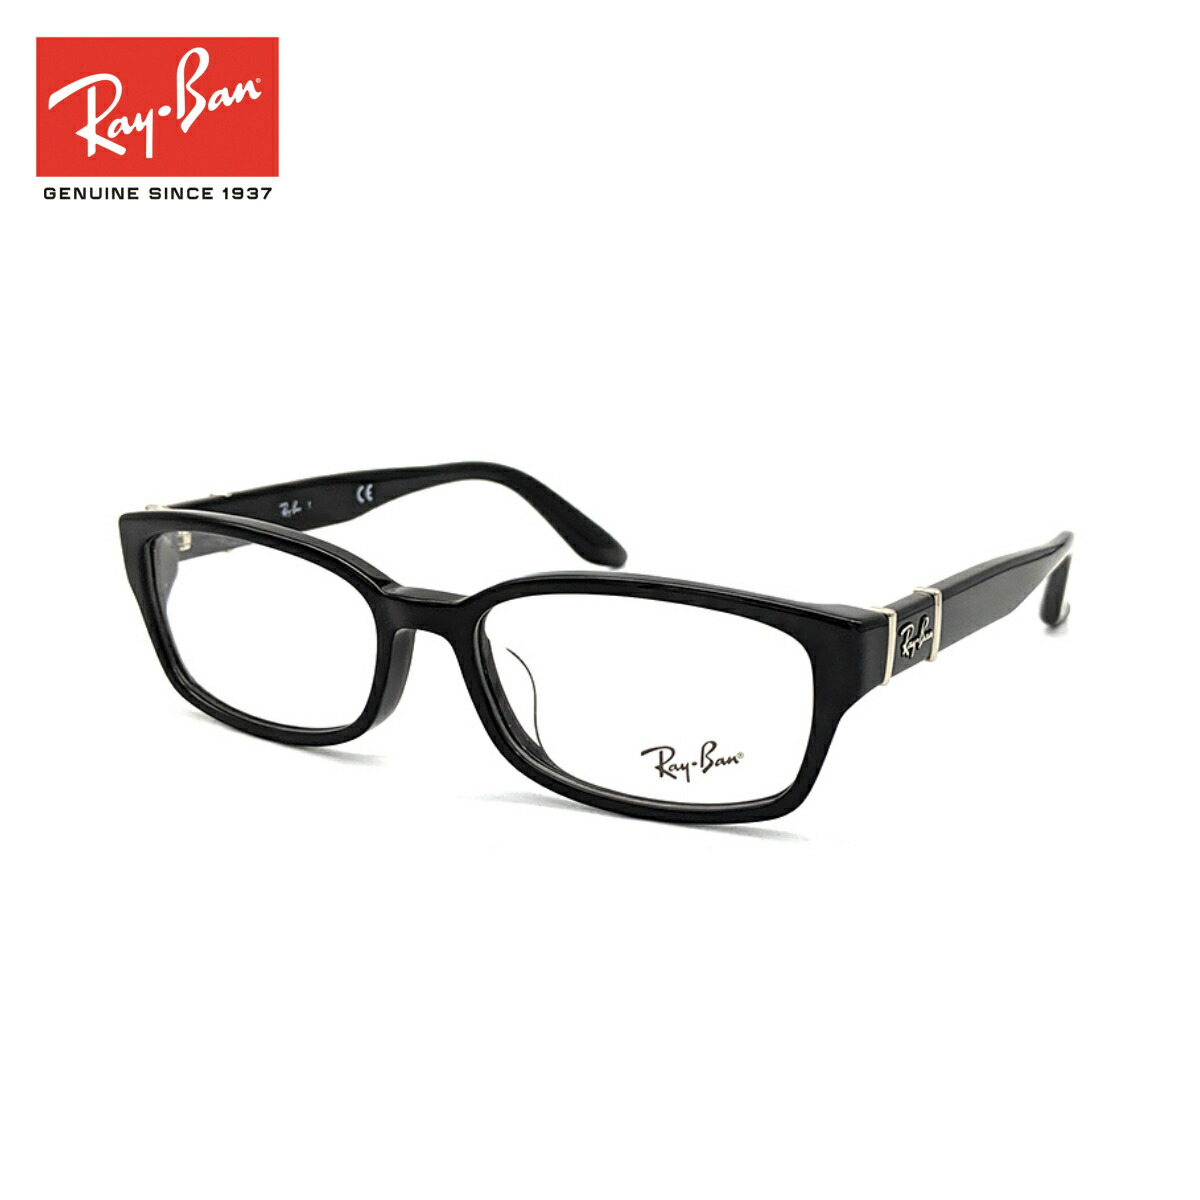 レイバン メガネ フレーム RayBan RX5198 (RB5198) 2000 眼鏡 めがね 度付き対応 送料無料 定番 人気 オススメ 黒縁 黒 スクエア シャープ ビジネス カジュアル メンズ レディース 男性 女性 父の日 プレゼント